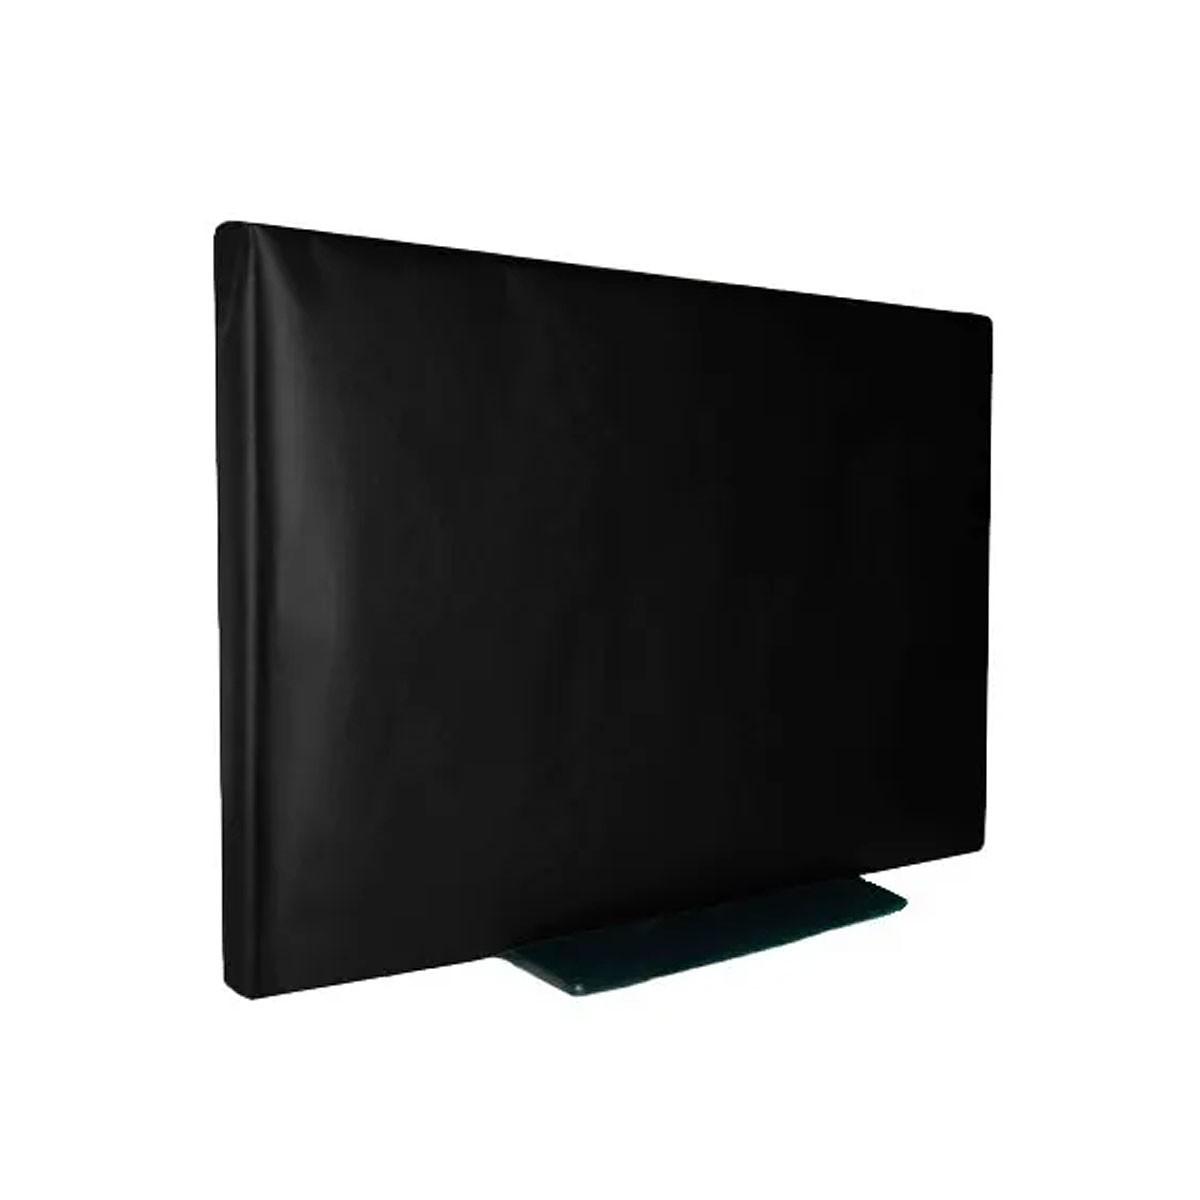 Capa Tv Led 40 Em Corino Com Velcro Não Sai Com O Vento